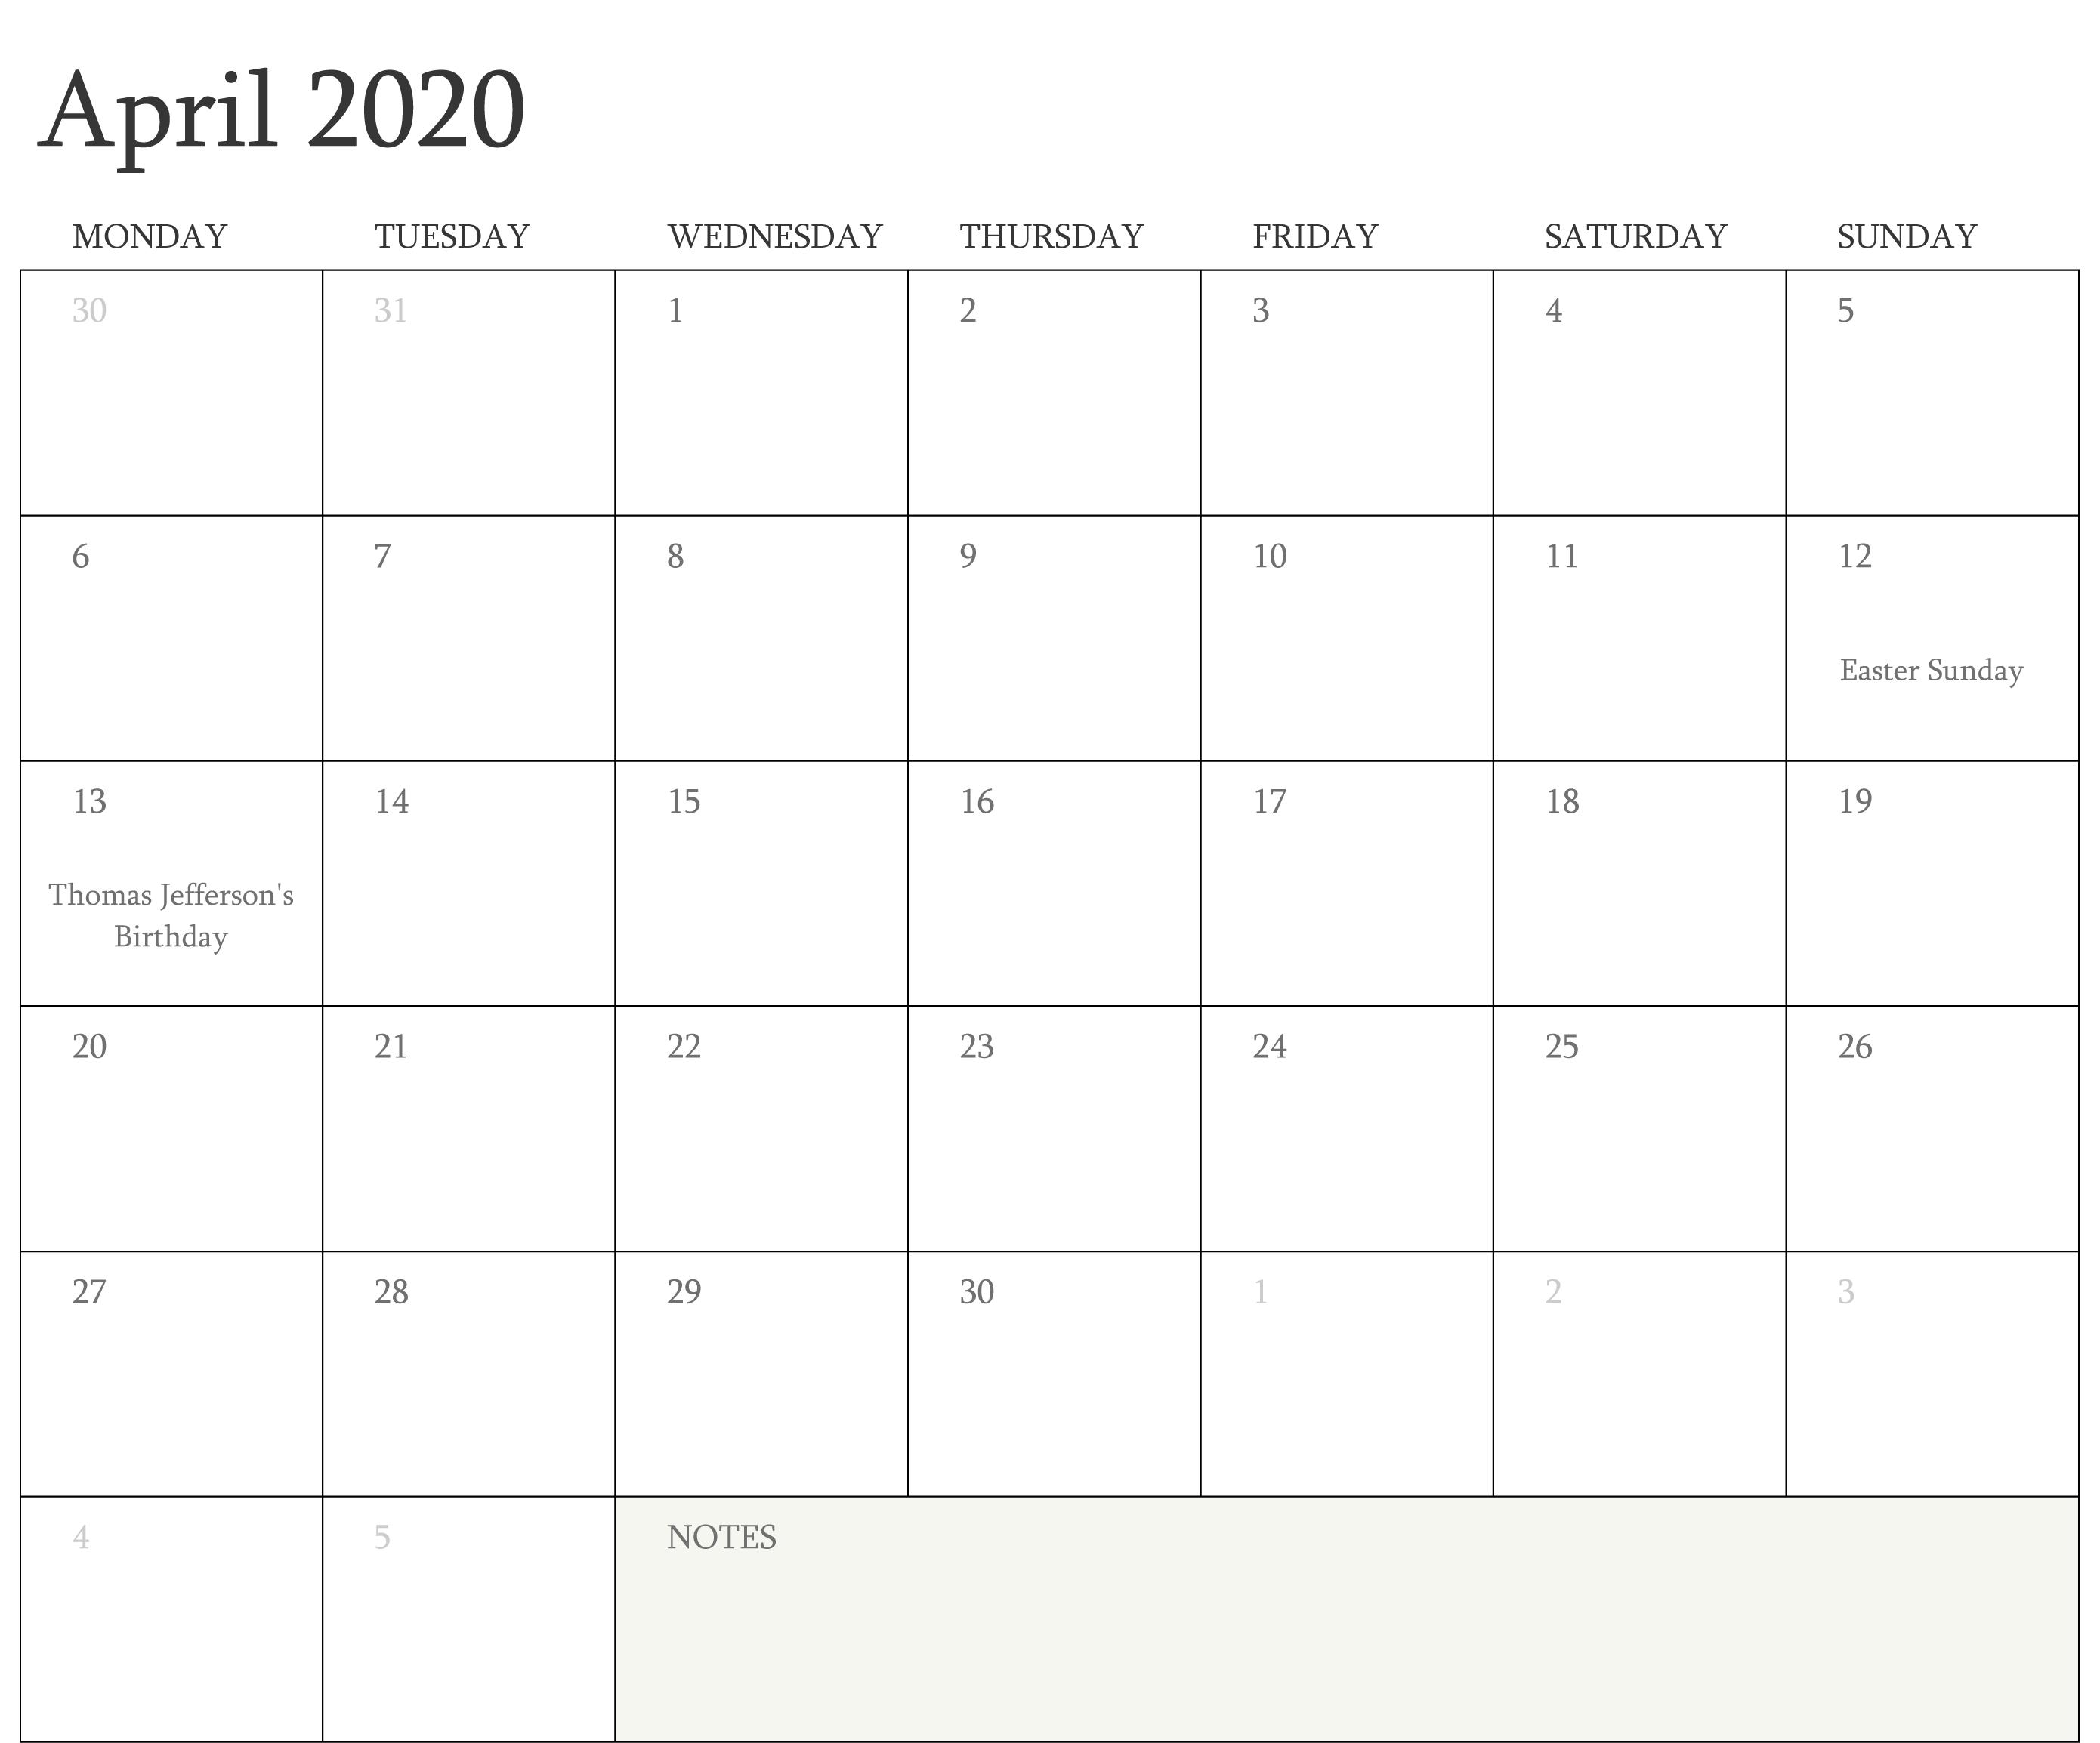 April 2020 Calendar Word